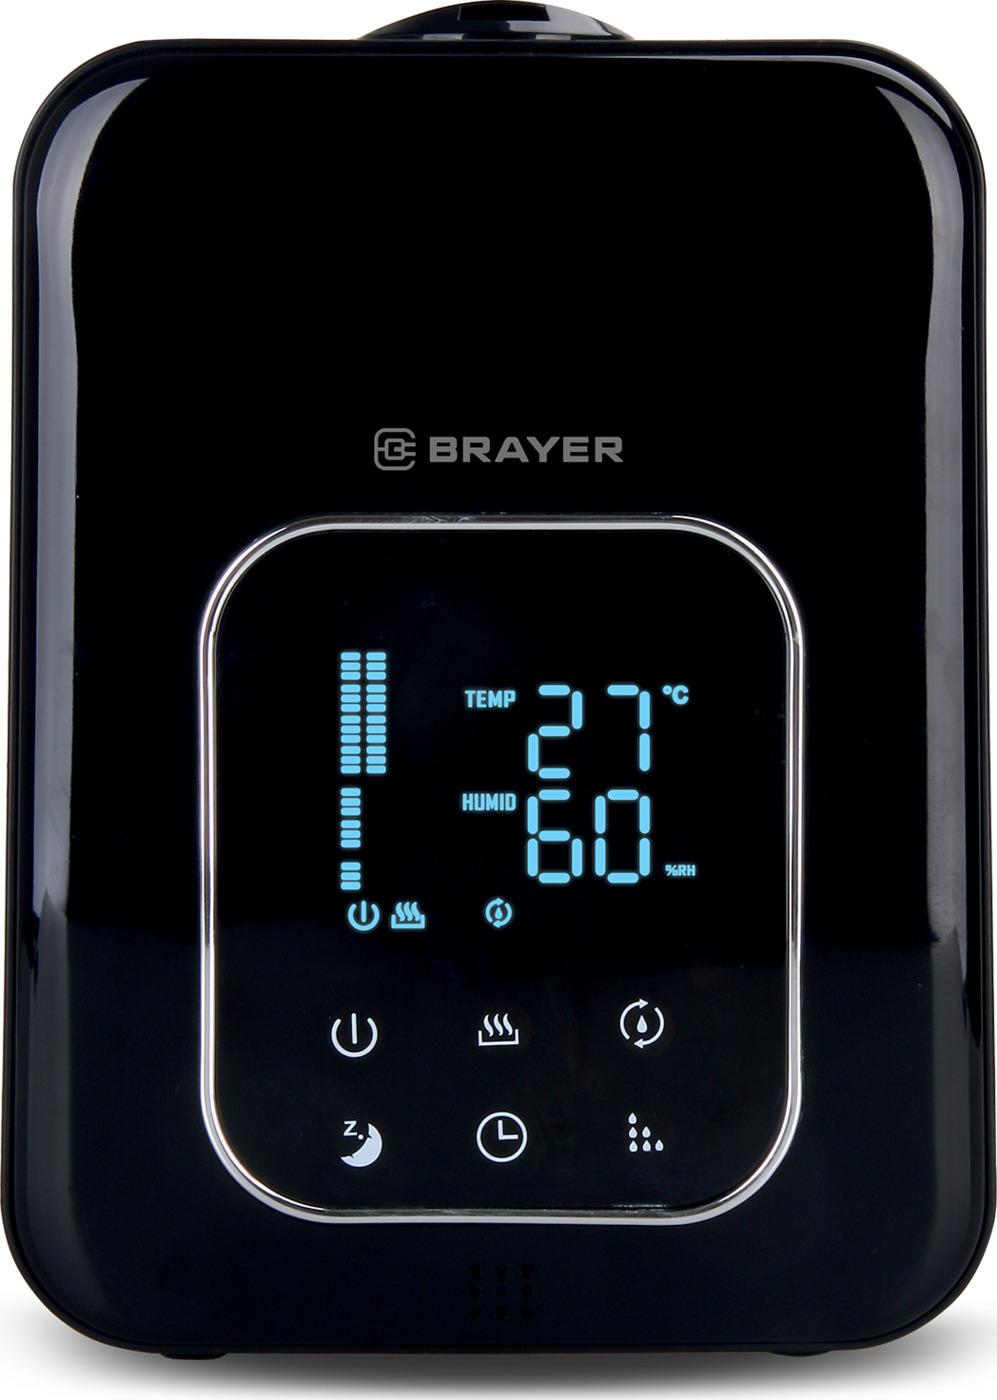 Ультразвуковой увлажнитель BRAYER, 4,5 л, 25 м,( 40-80%), таймер, дисплей, 15 ч.